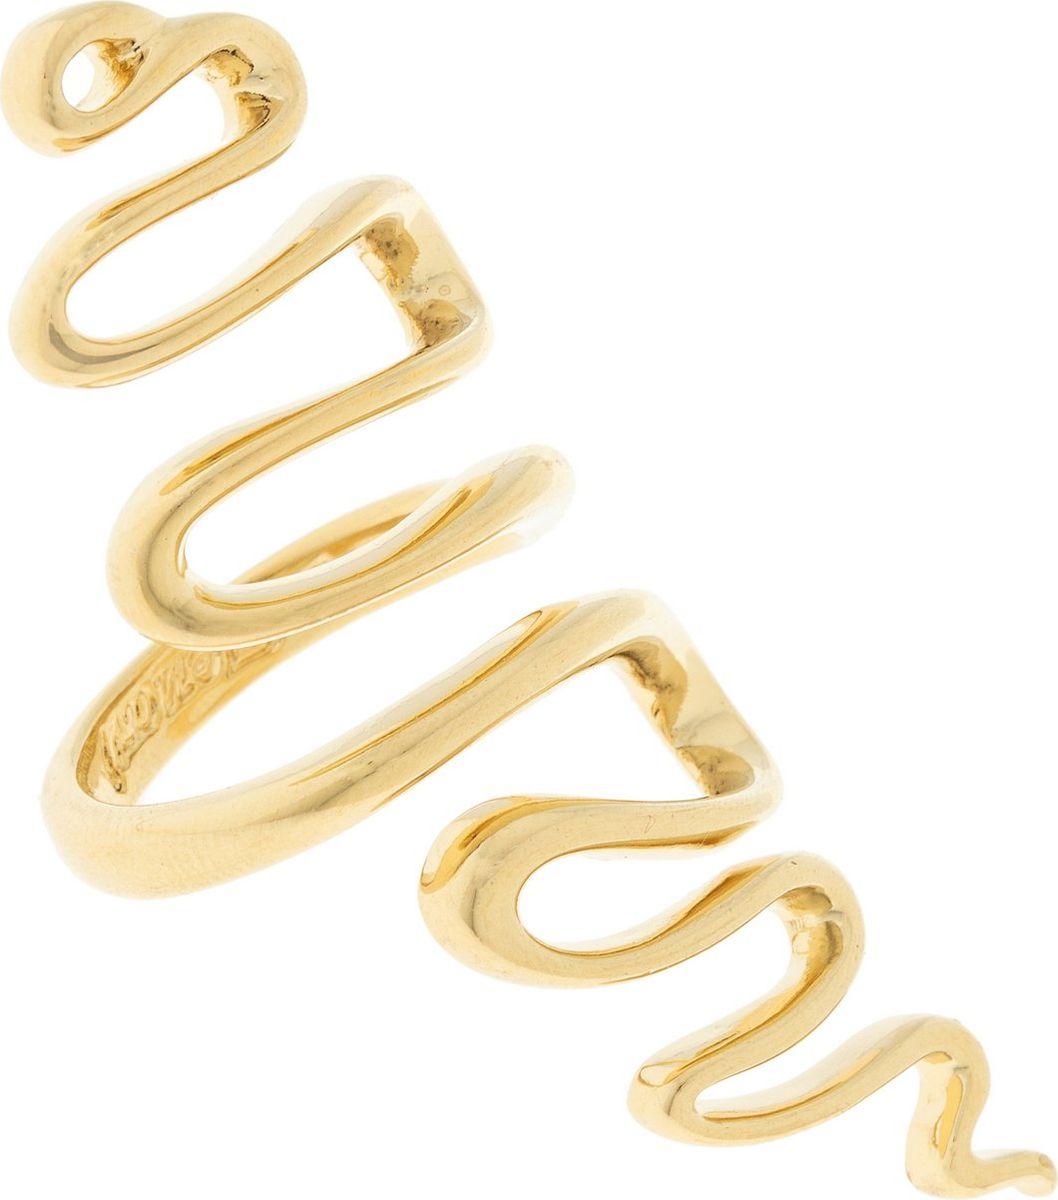 Кольцо Jenavi Этюд. Кимпу, цвет: золотой. Размер 18f736p090Коллекция Этюд, Кимпу (Кольцо) гипоаллергенный ювелирный сплав,Позолота, вставка без вставок, цвет - золотой, , размер - 18